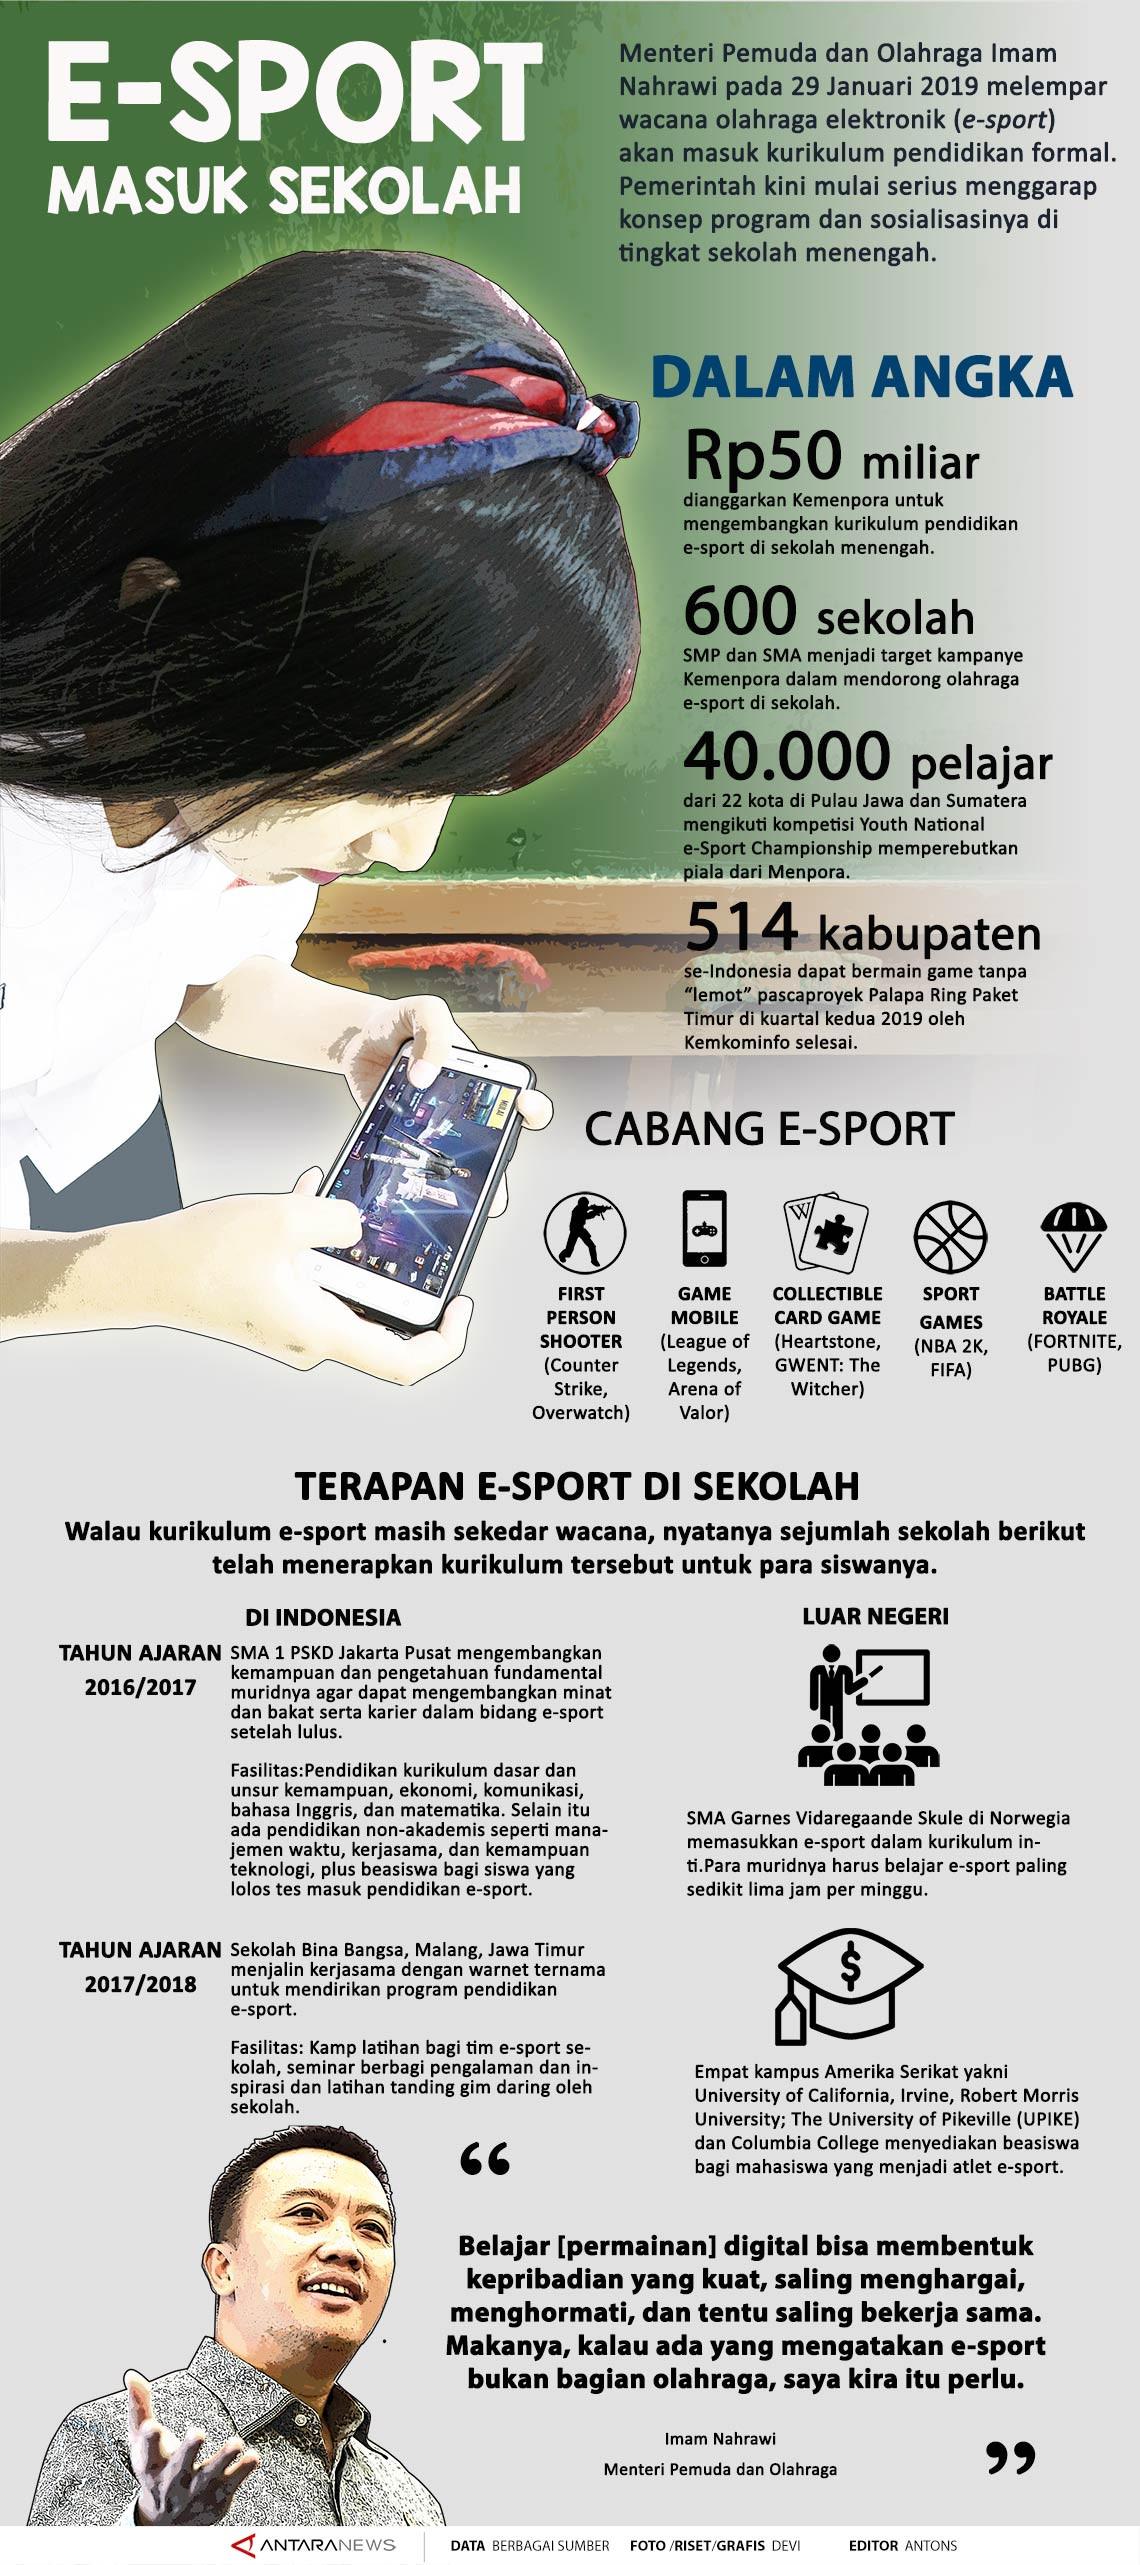 E-sport masuk sekolah